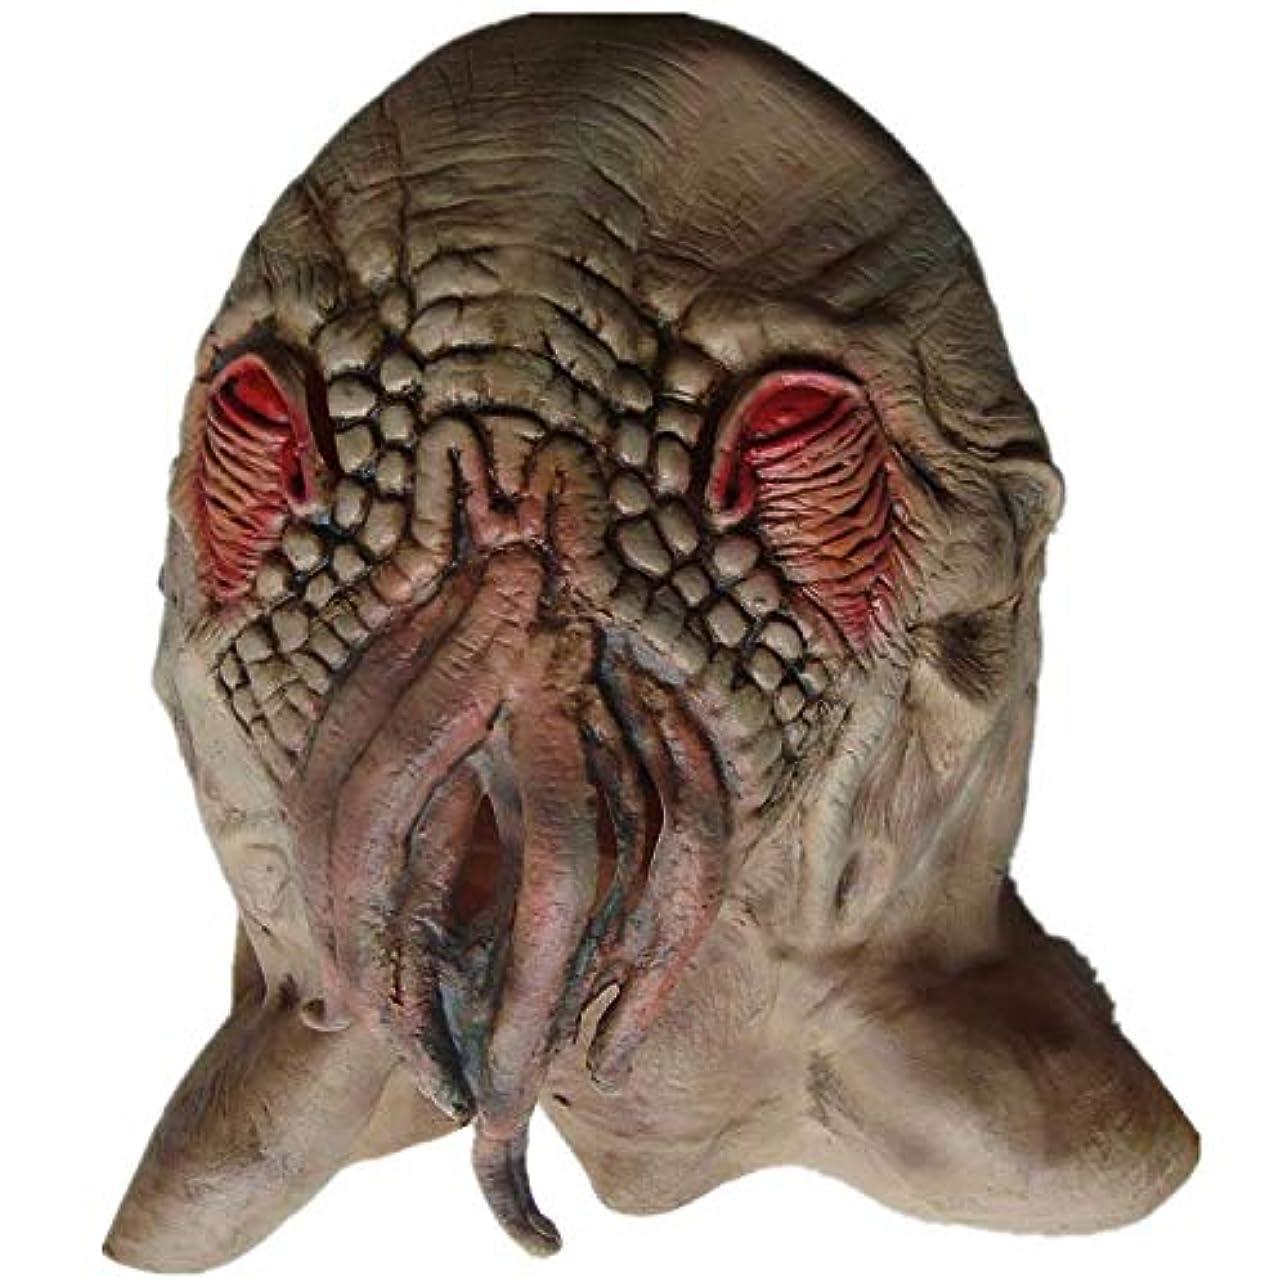 崇拝する絶望的な真っ逆さま動物の頭部カバーラテックスエイリアンモンスタータコはタコハロウィンドレスアップマスクマスク